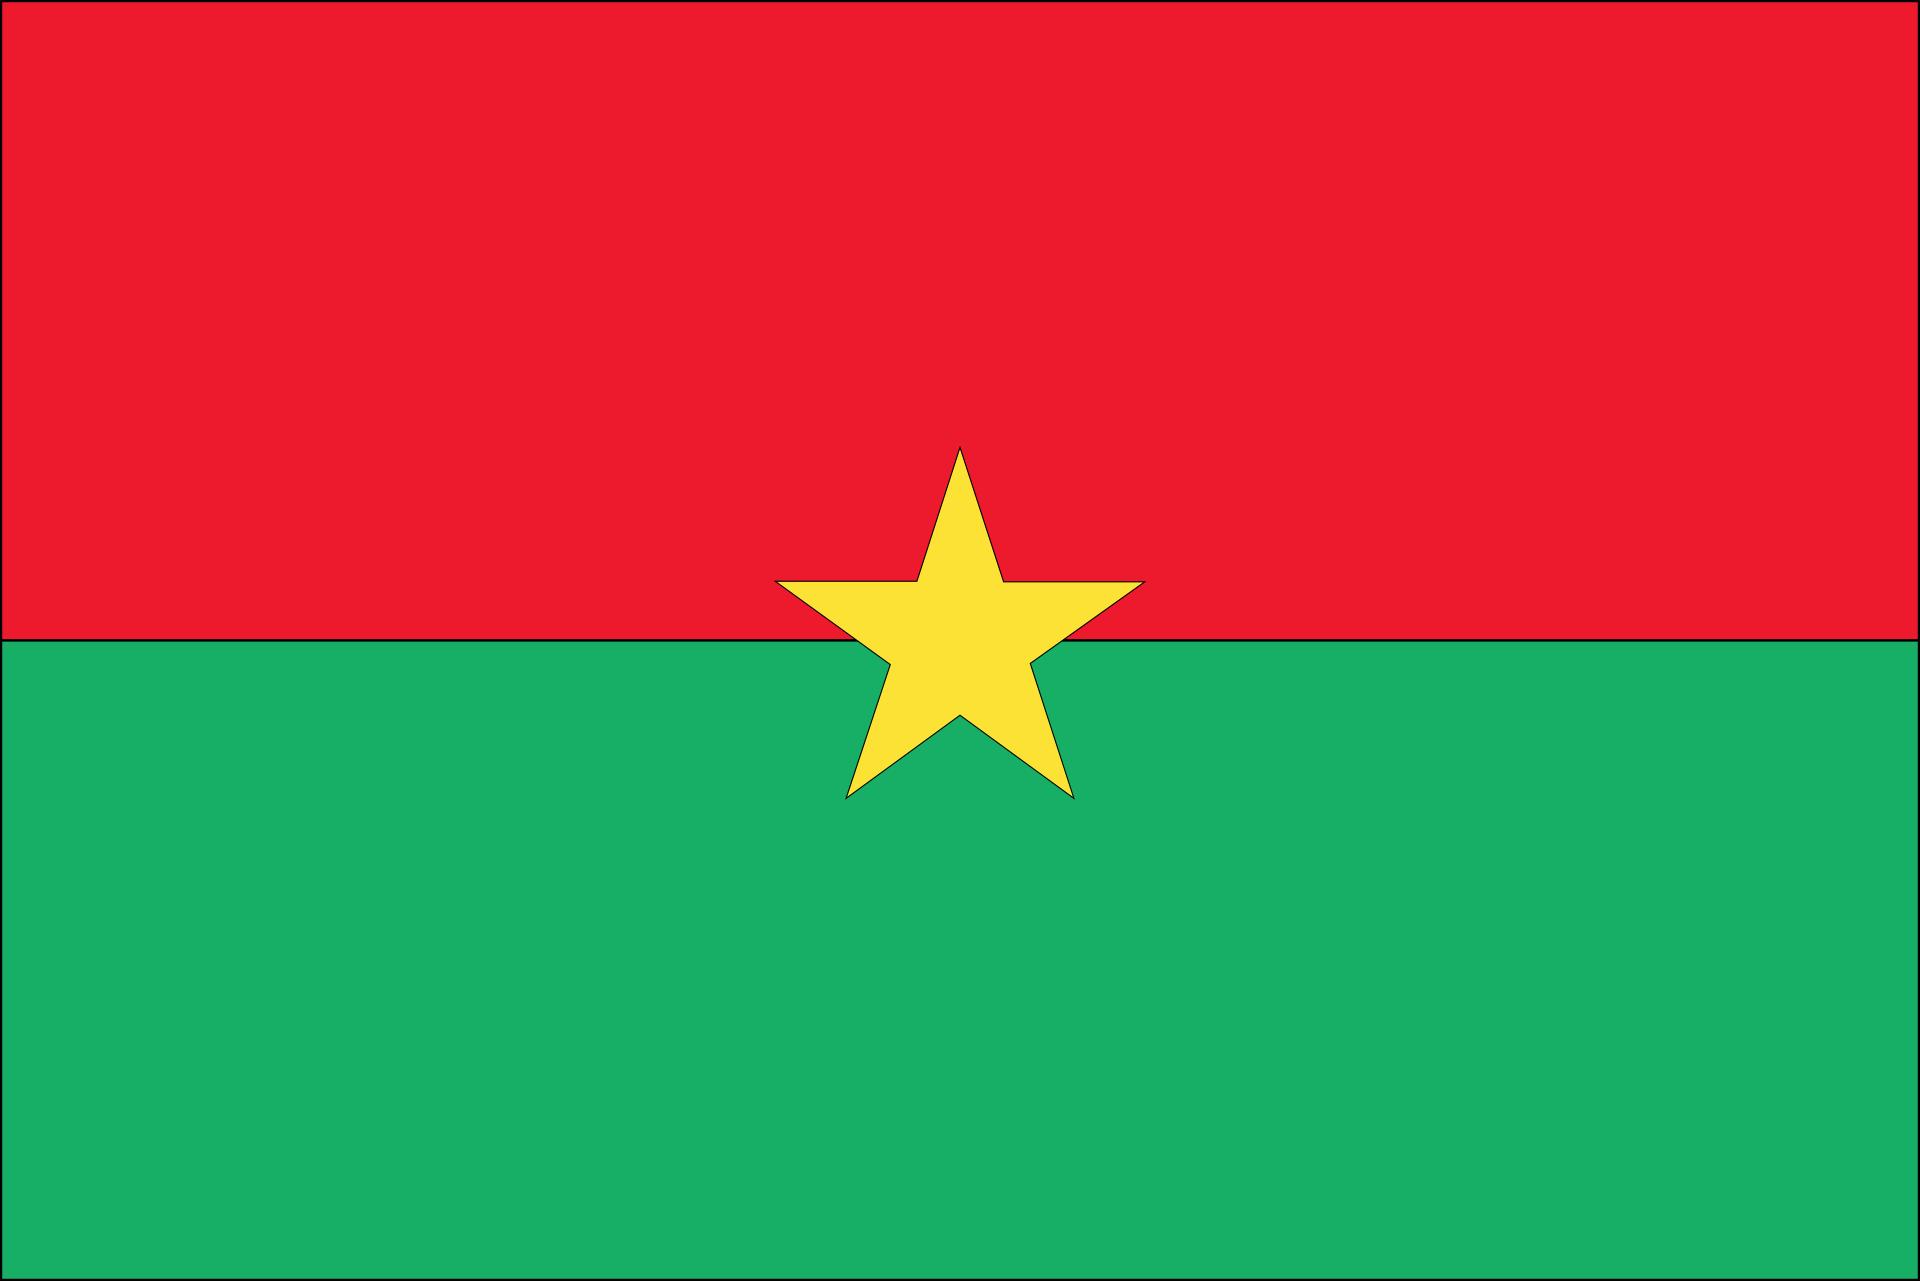 برکینا فاسو کے ایک جلسہ سالانہ کا آنکھوں دیکھا حال